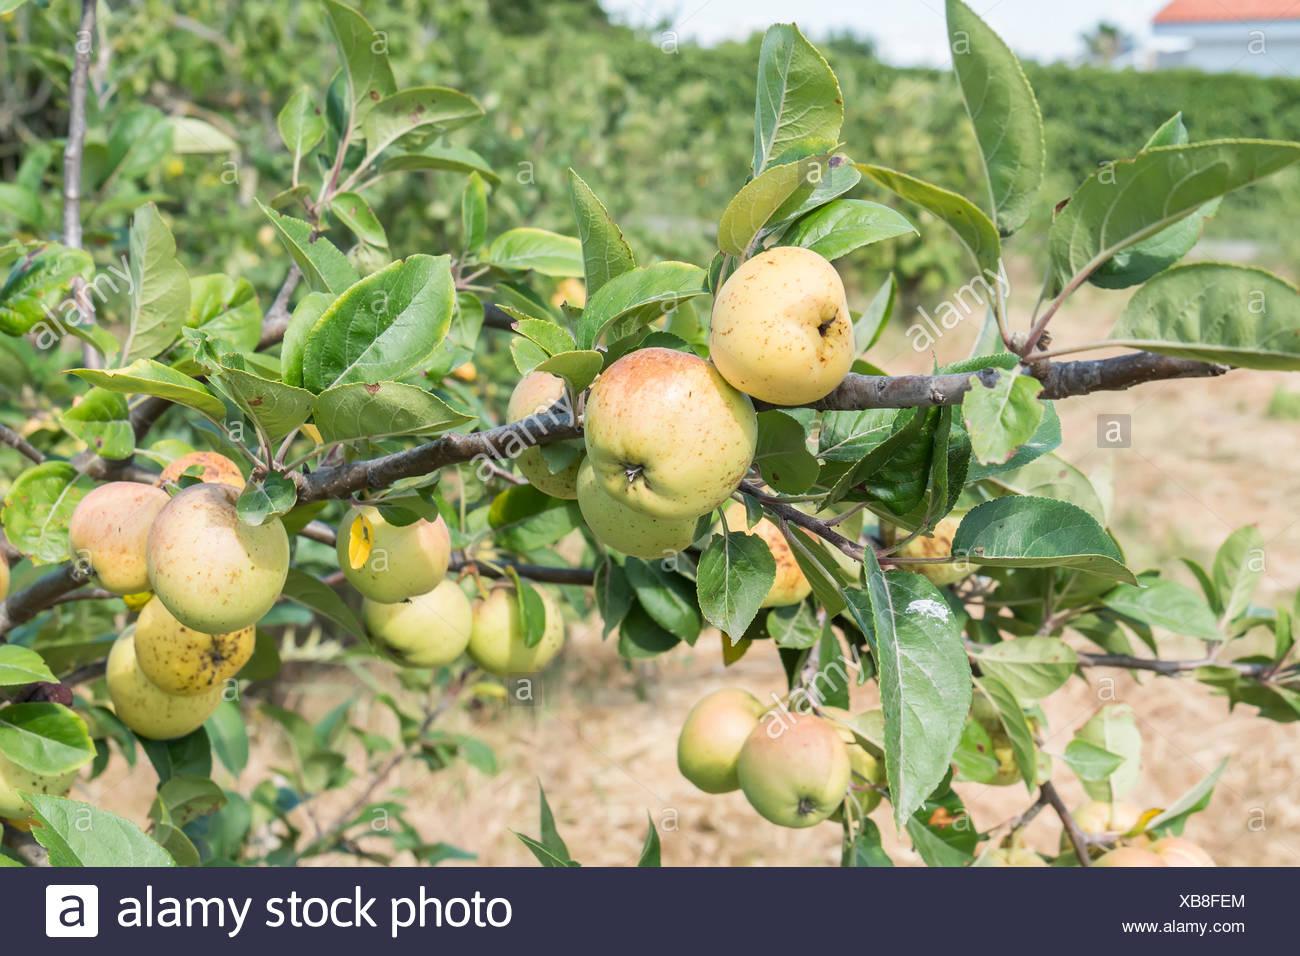 Geliebte Kleine Äpfel auf dem Baum Stockfoto, Bild: 282314892 - Alamy &WB_78